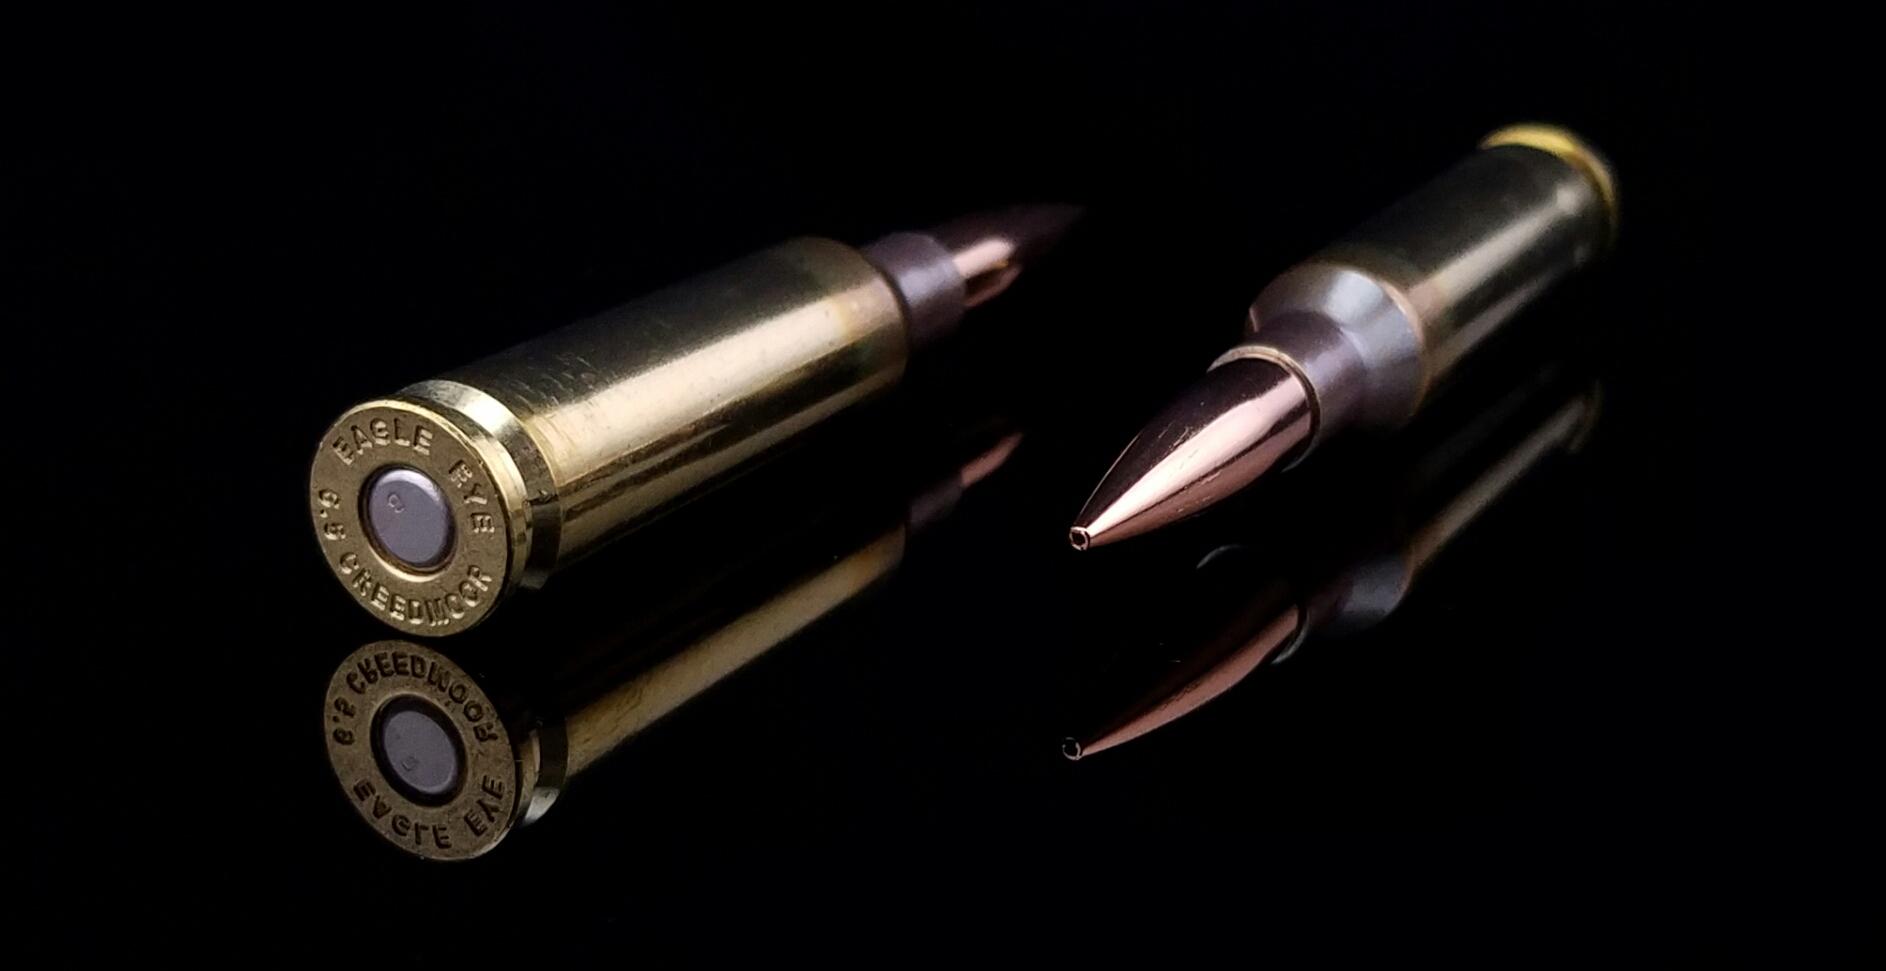 6mm Creedmoor vs 6 5 Creedmoor - A Ballistic Comparison - Eagle Eye Ammo